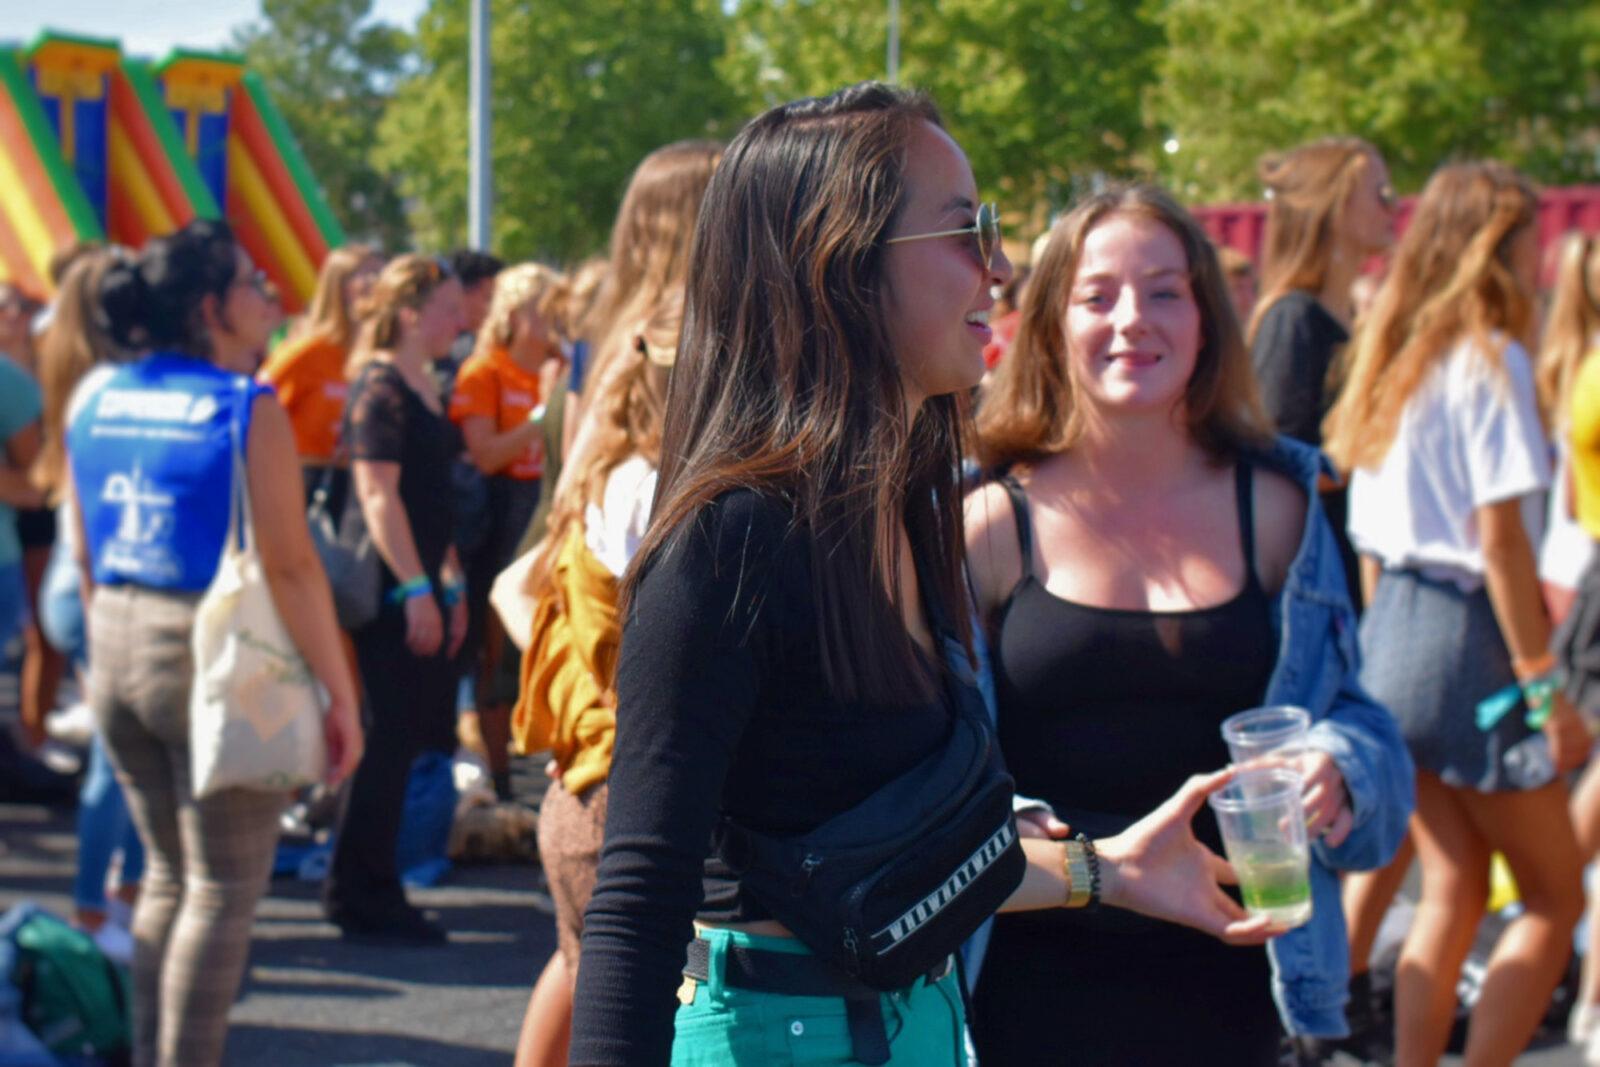 festival 3 – eurekaweek 2019 – fabienne hoogendoorn